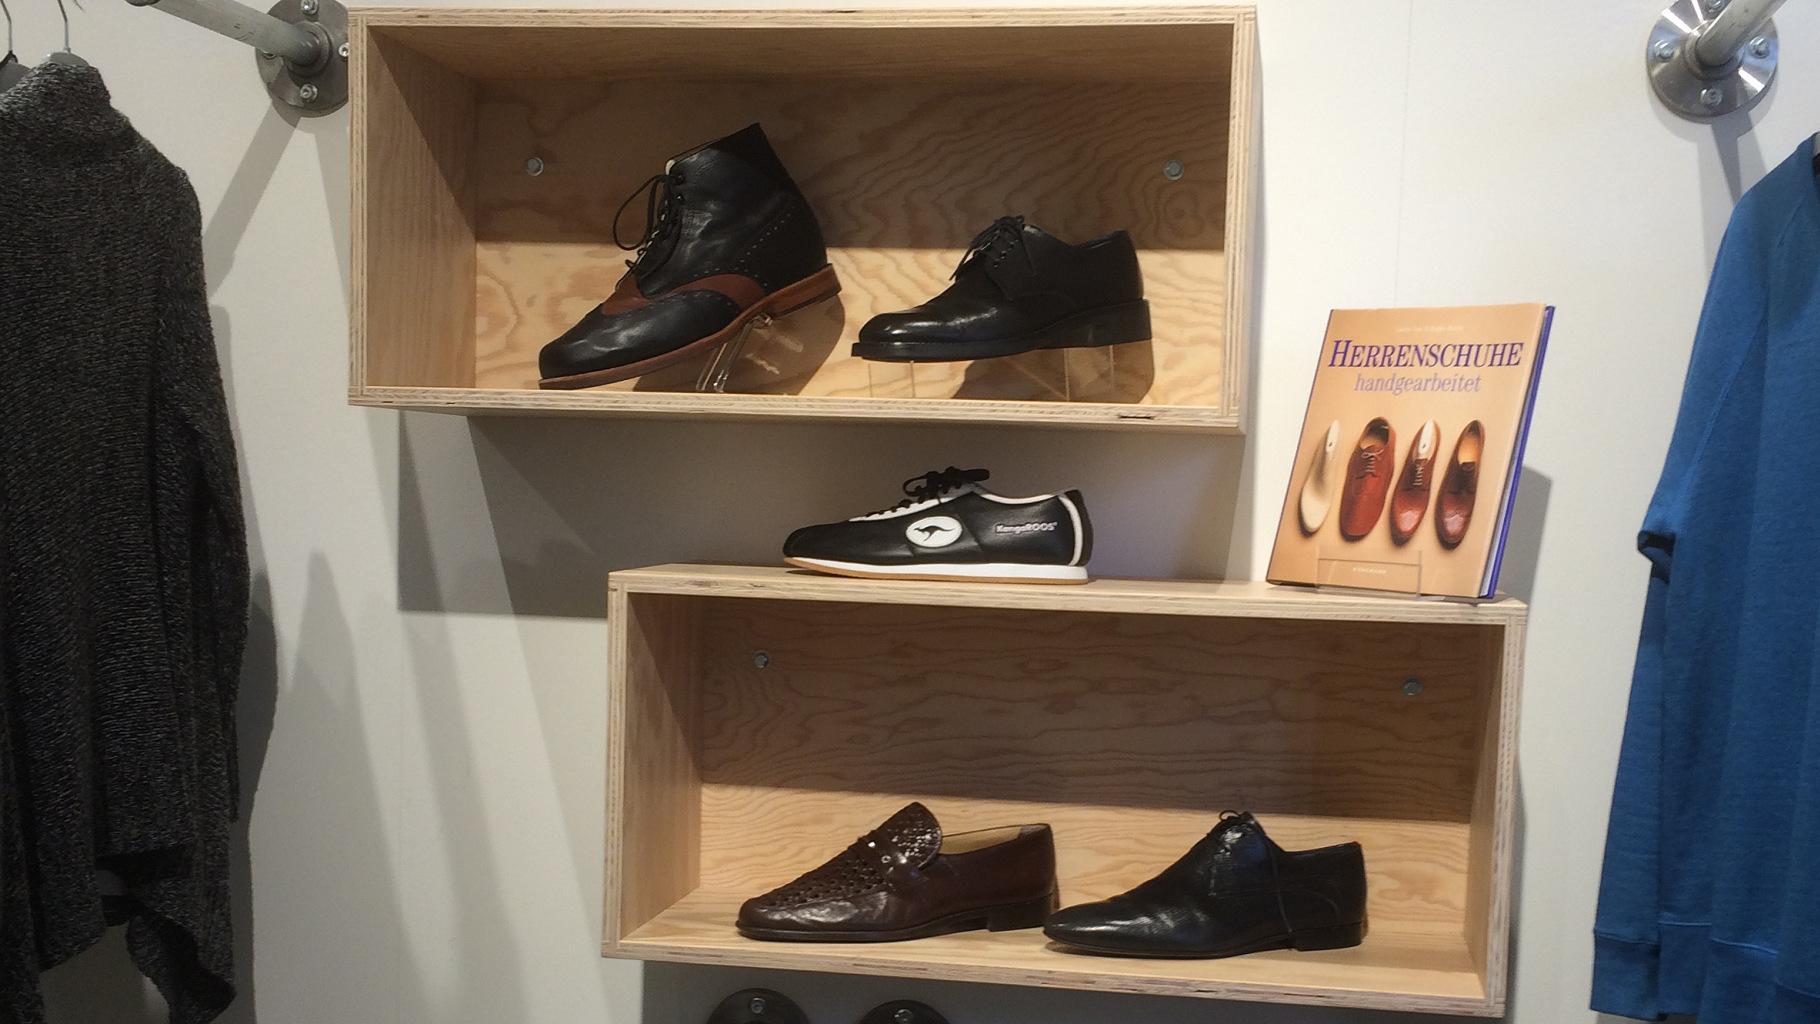 Schuhe für Herren im Oxfam Shop